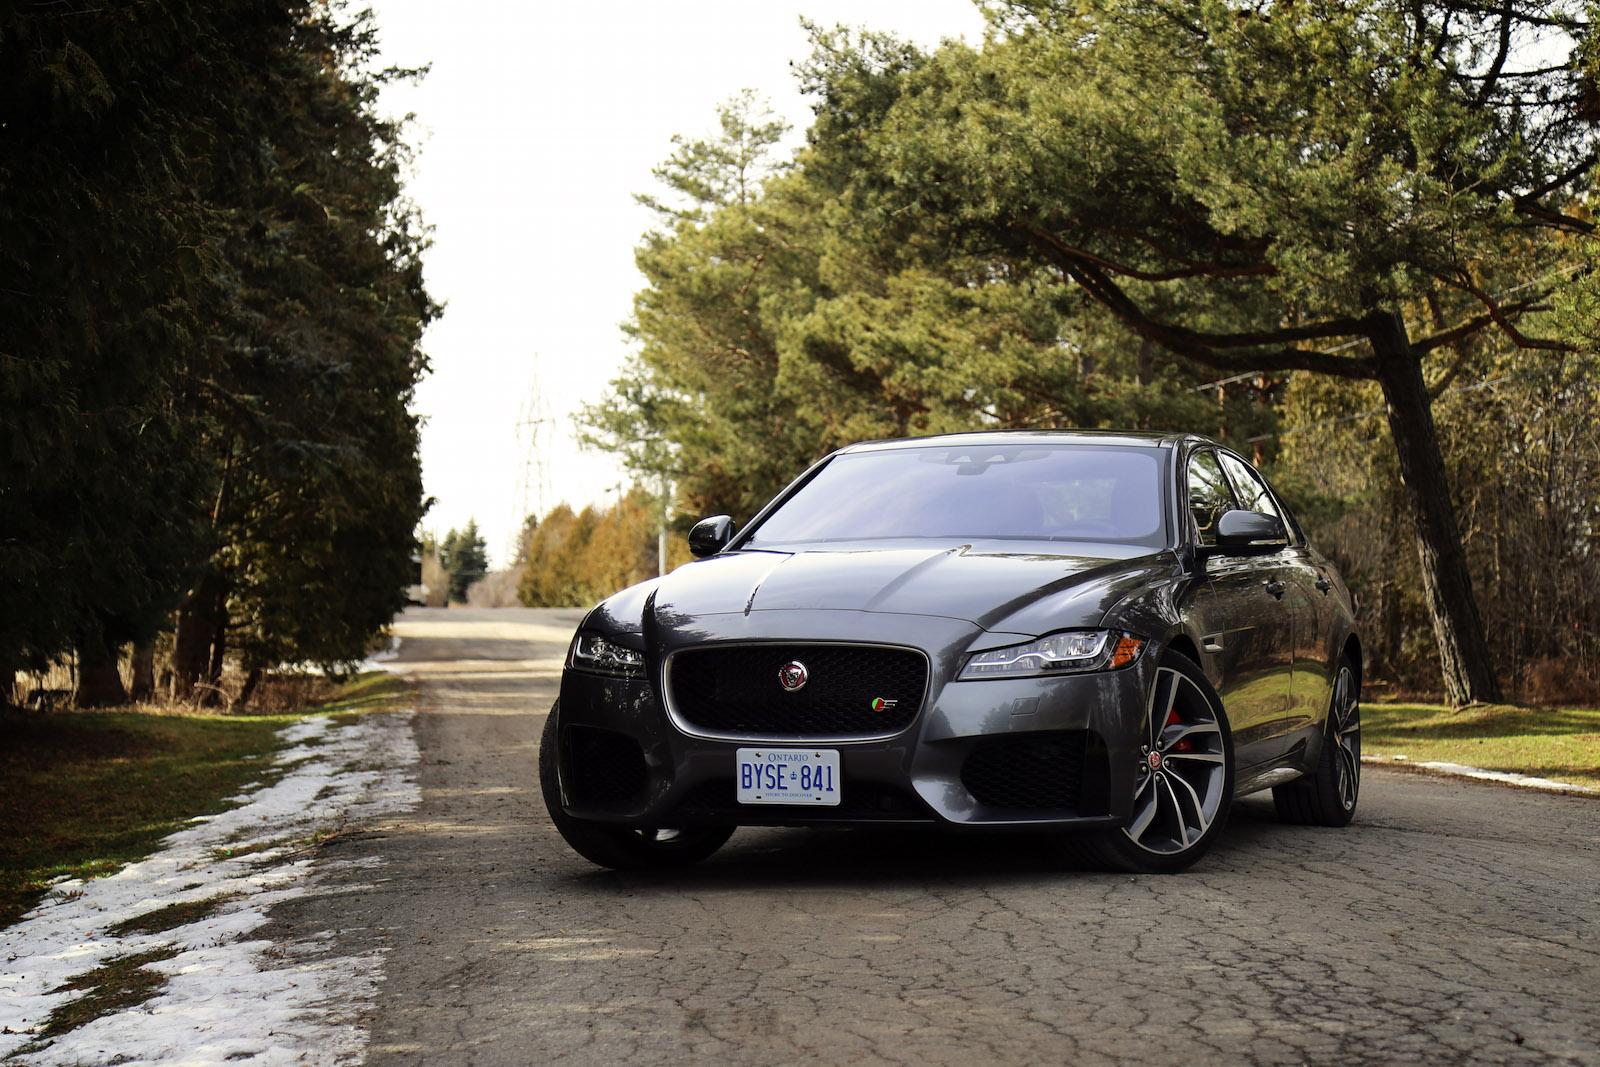 jaguar xf transmission images